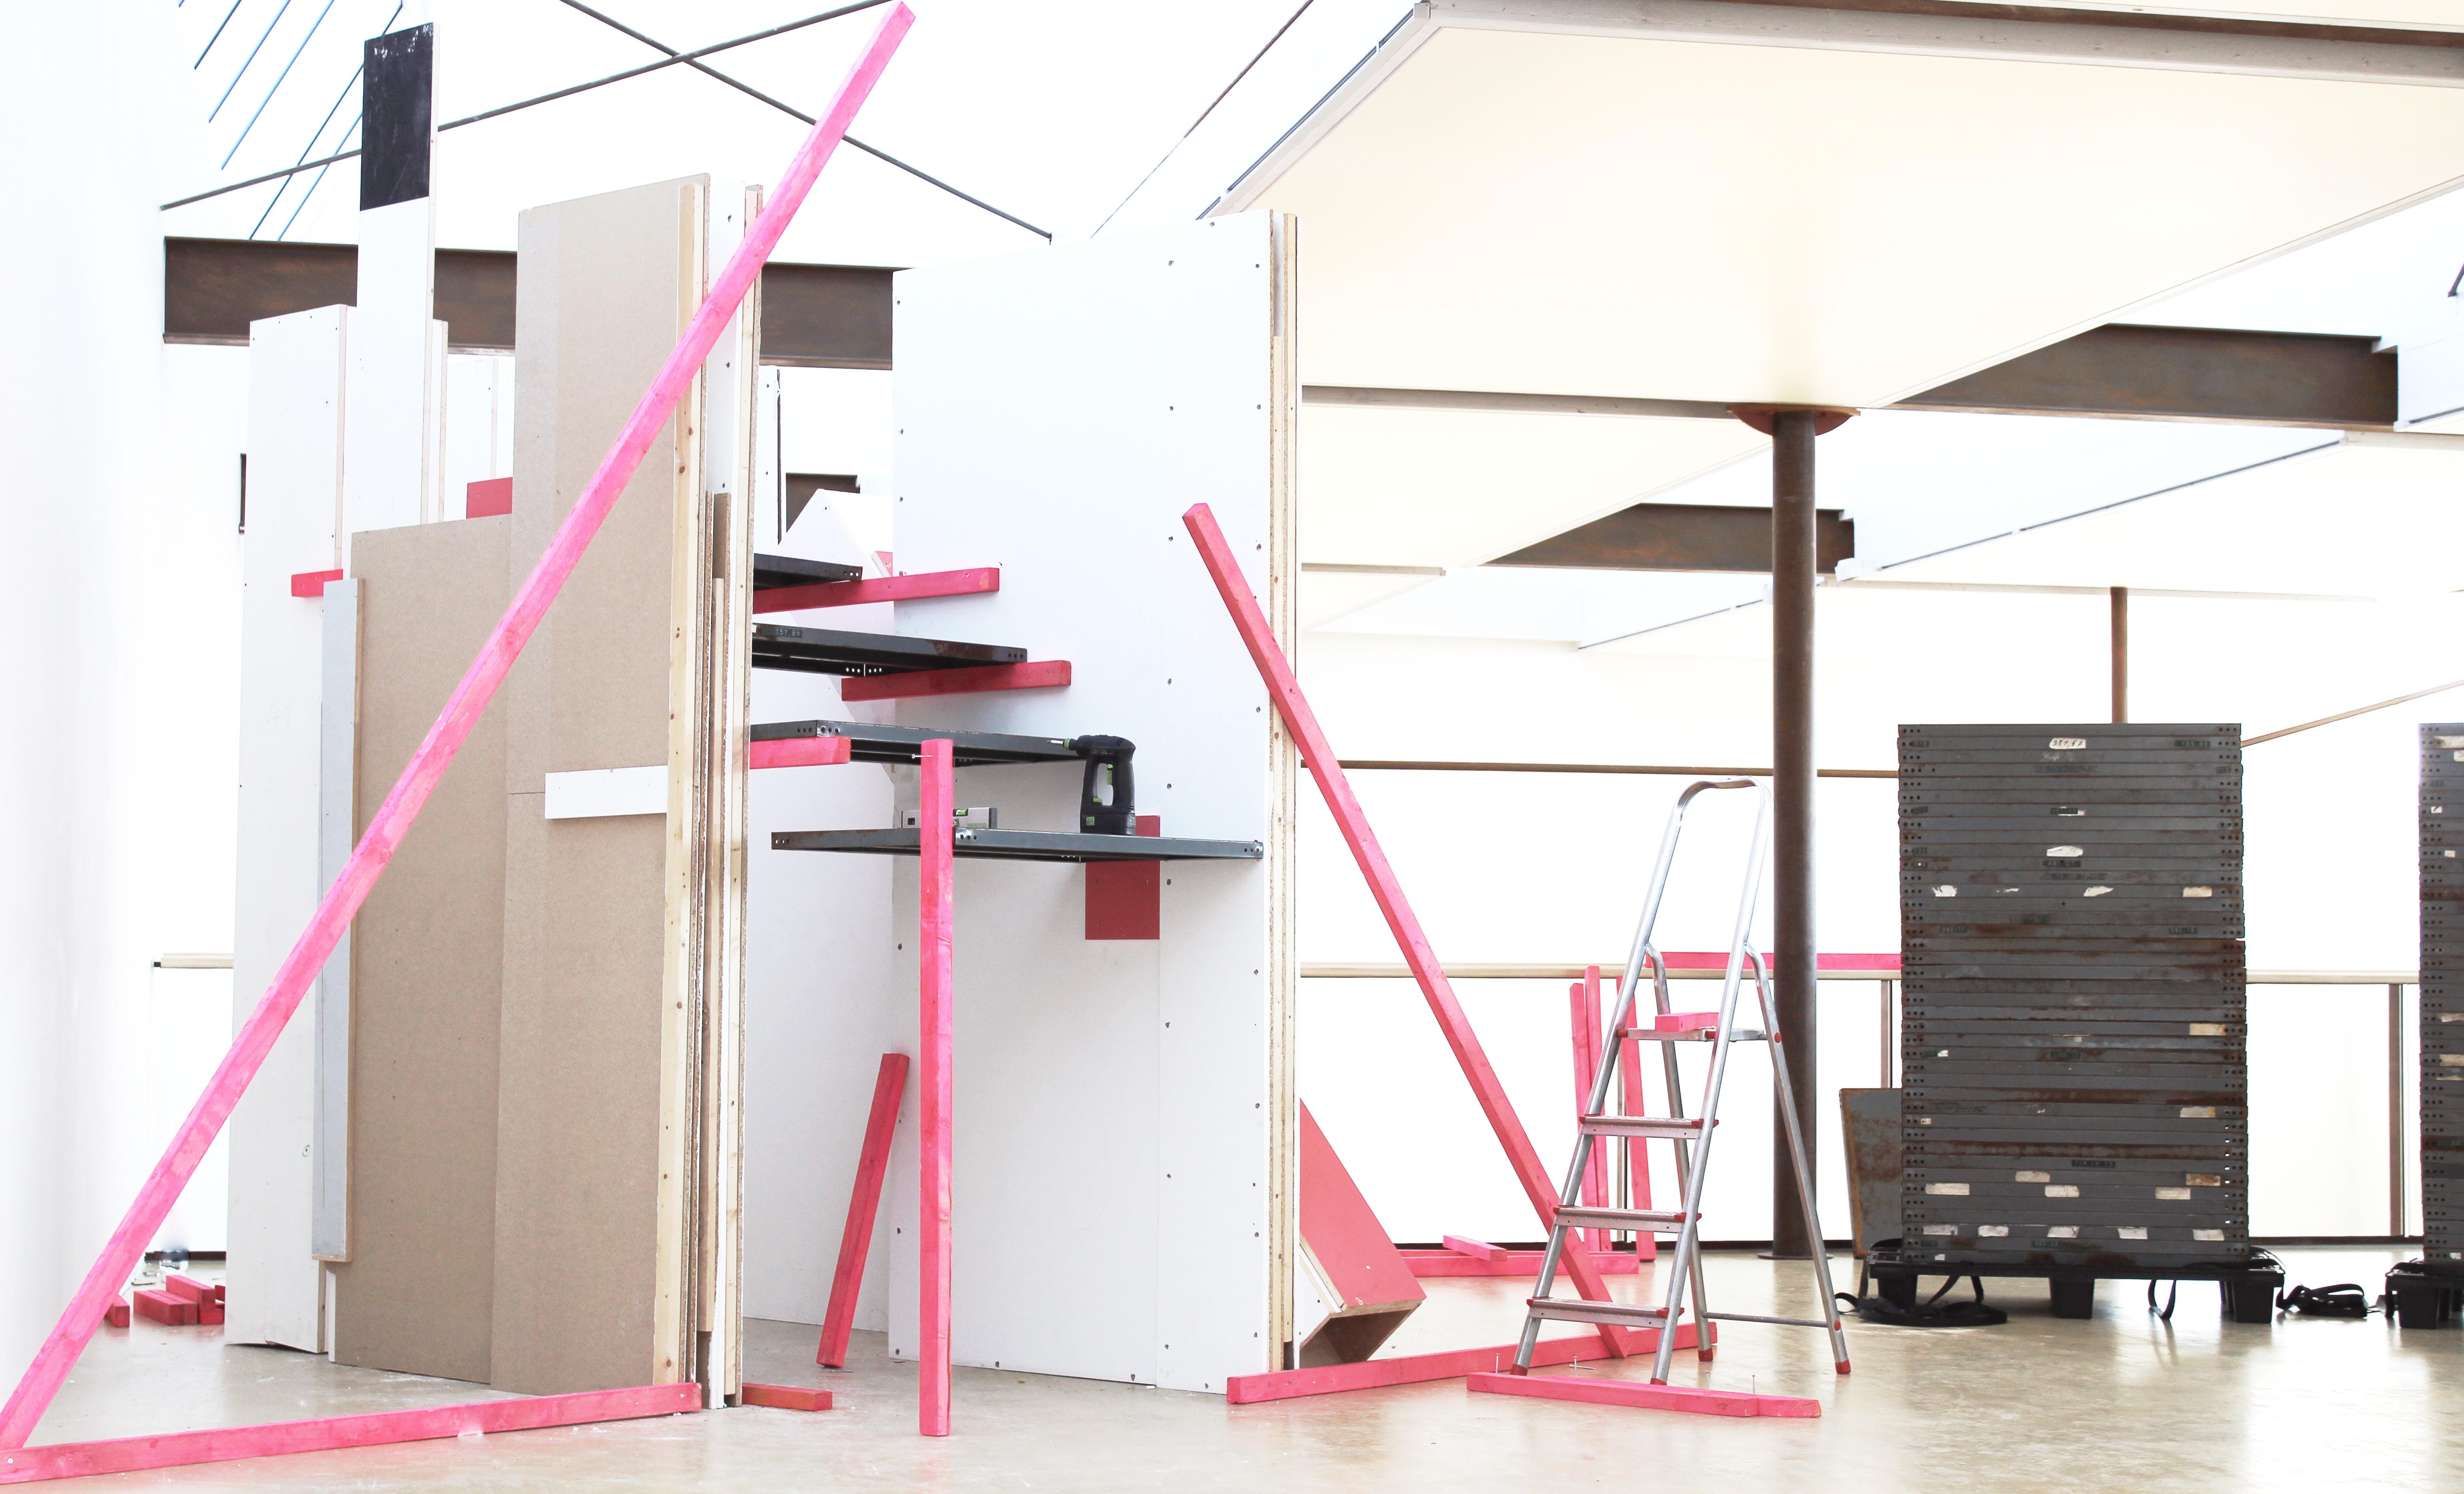 Umschichten - Sammlung Klein - Bauphase 2 - Hängung #18 - Räumlichkeiten